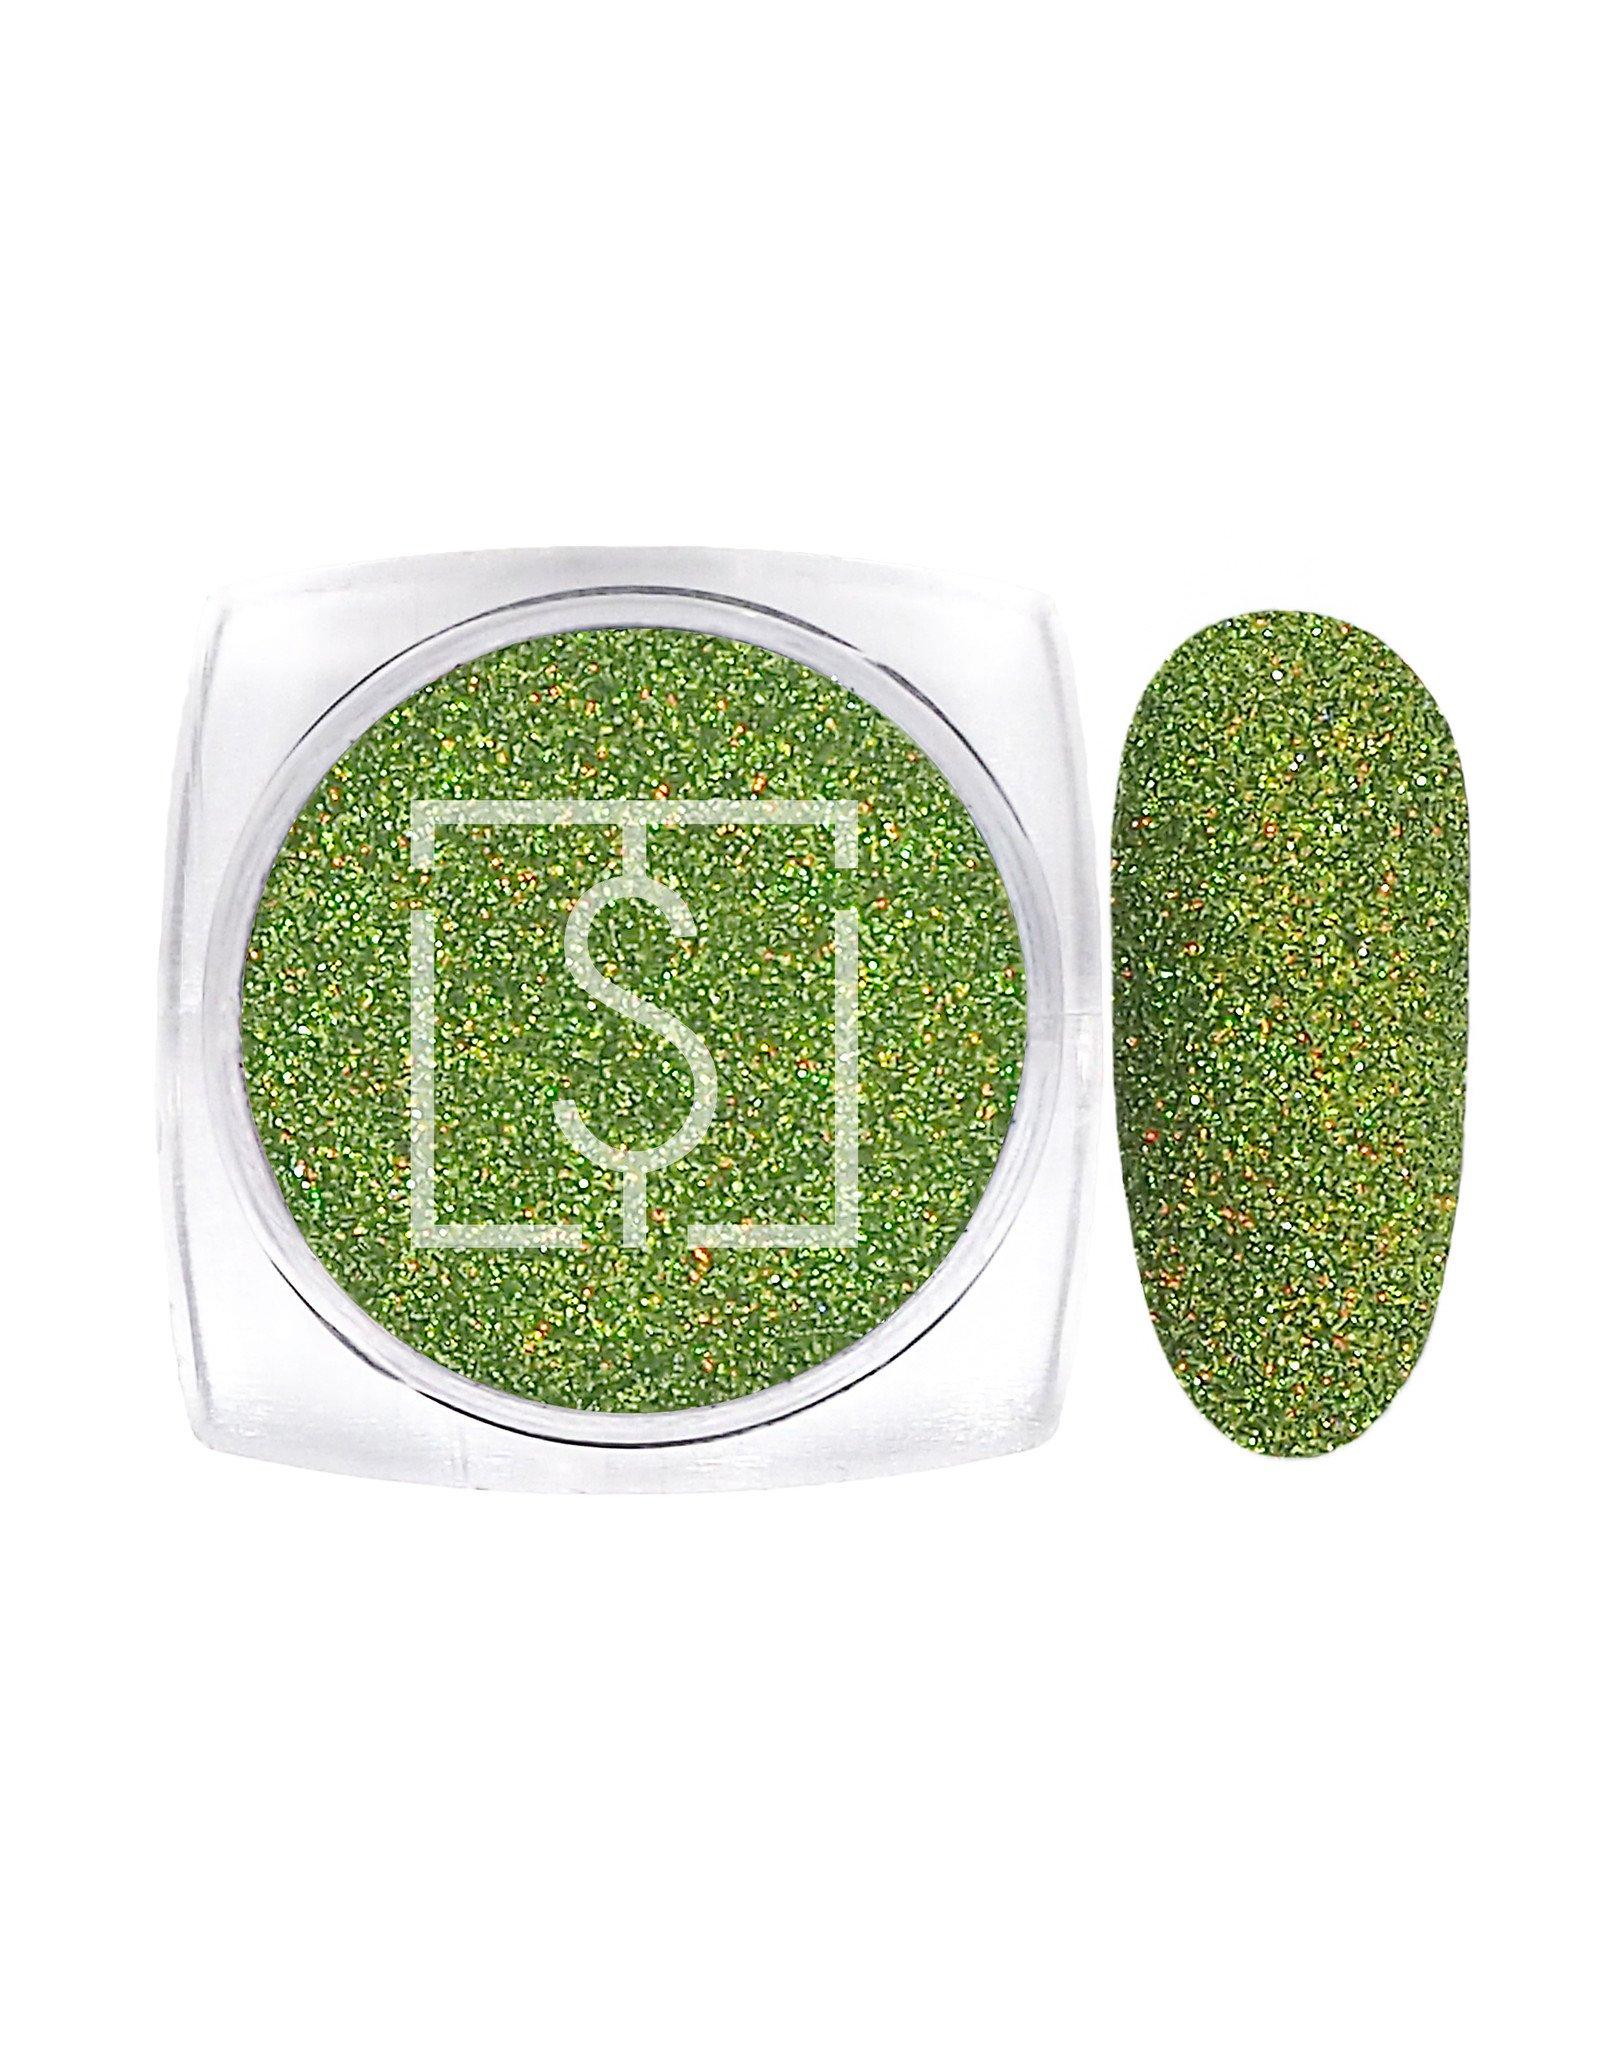 TS Products TS glitter 149